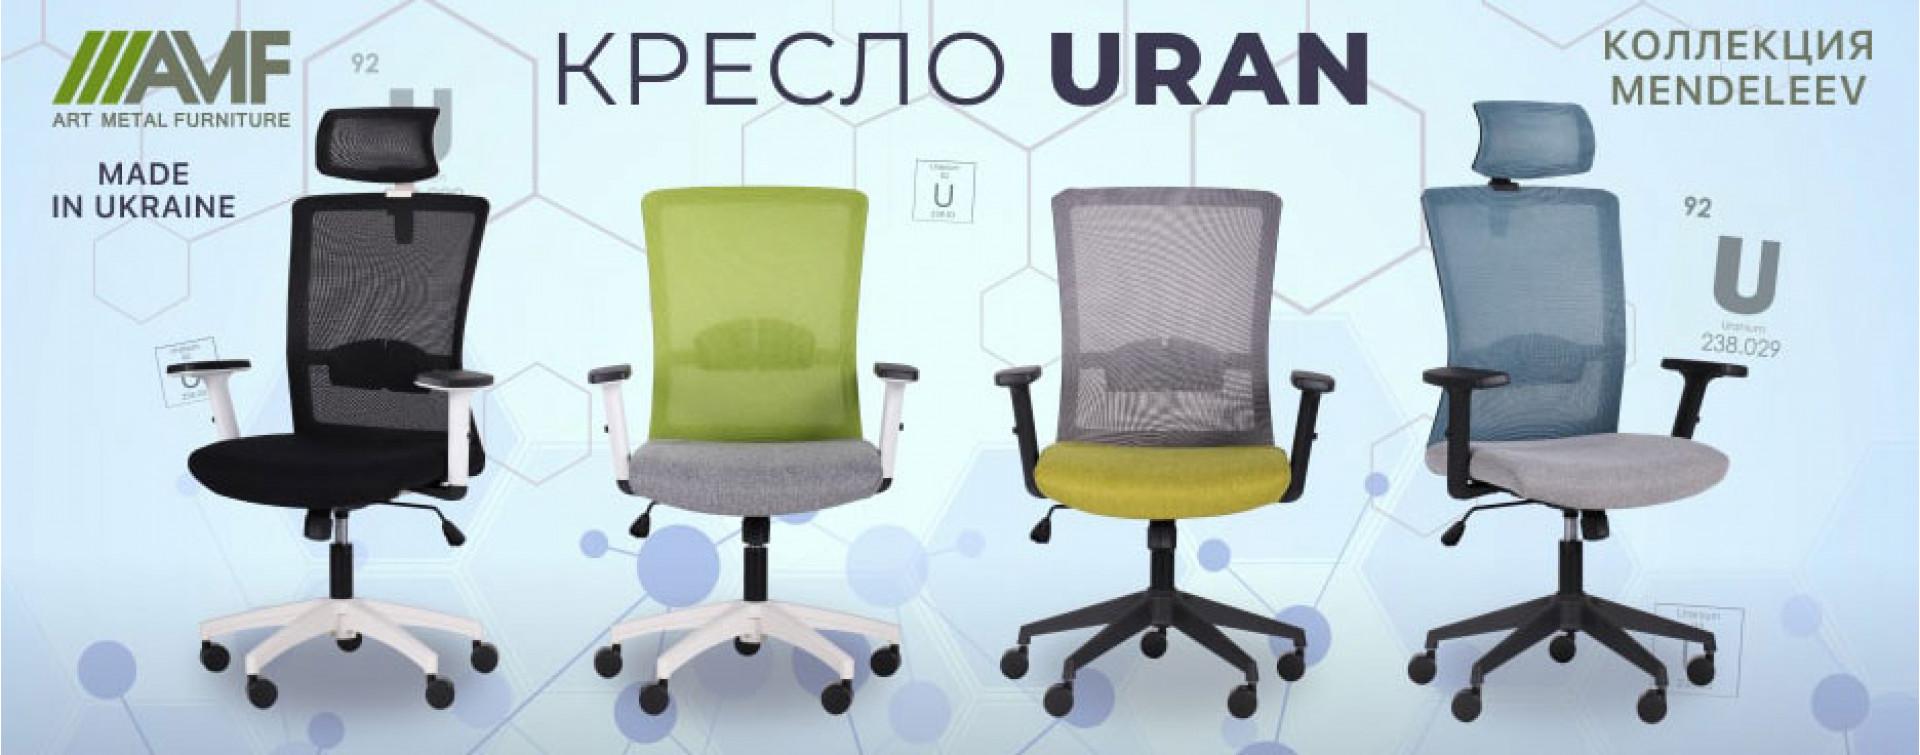 Крісло Uran